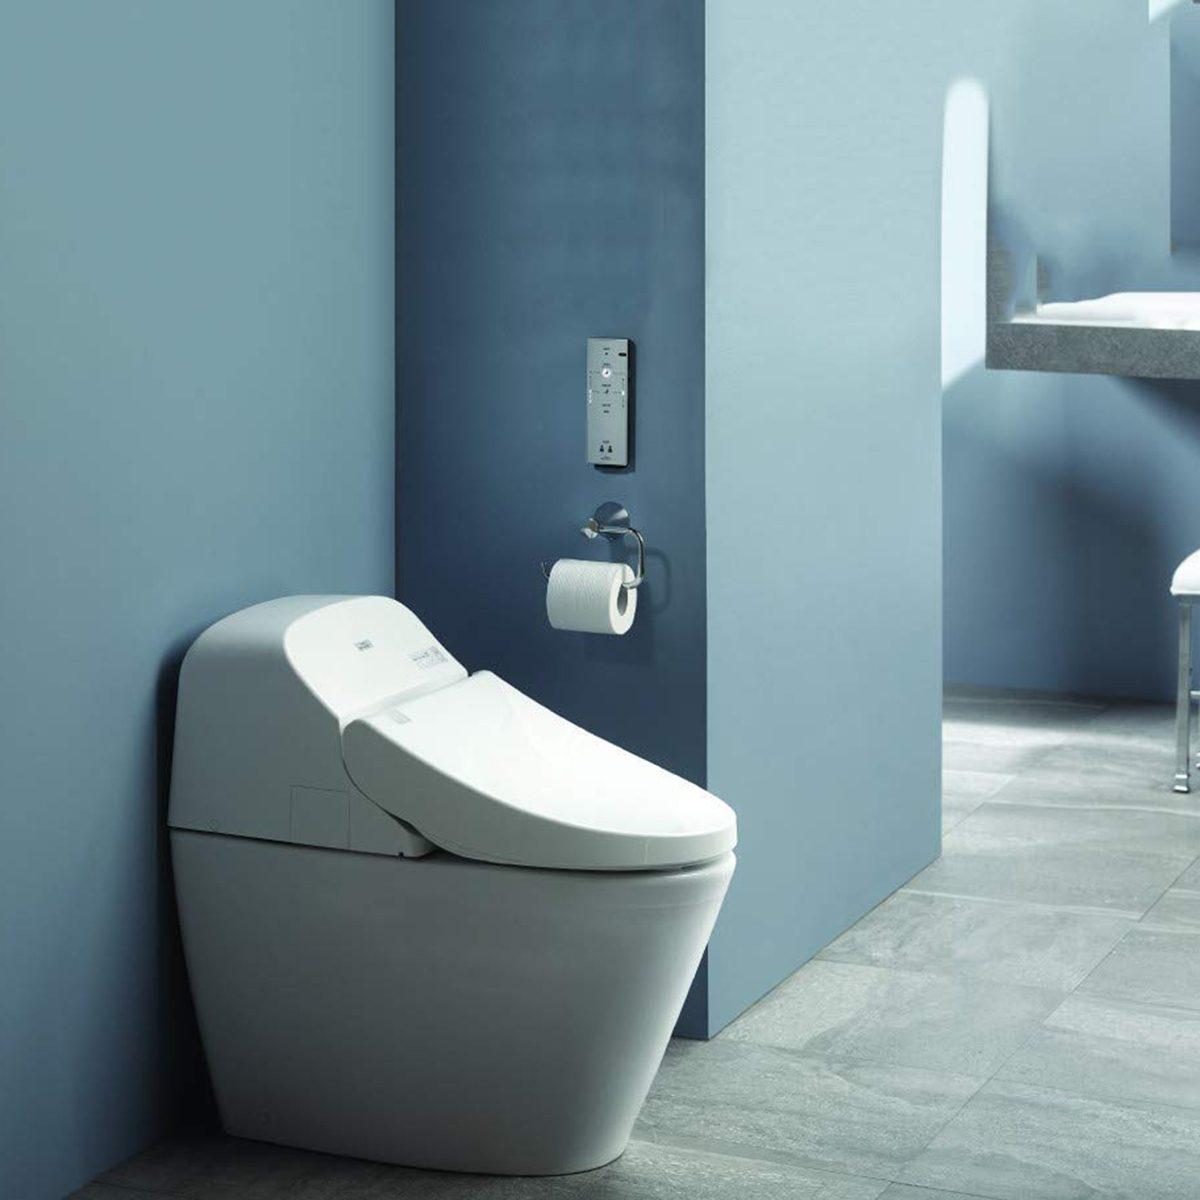 totowashlet-toilet